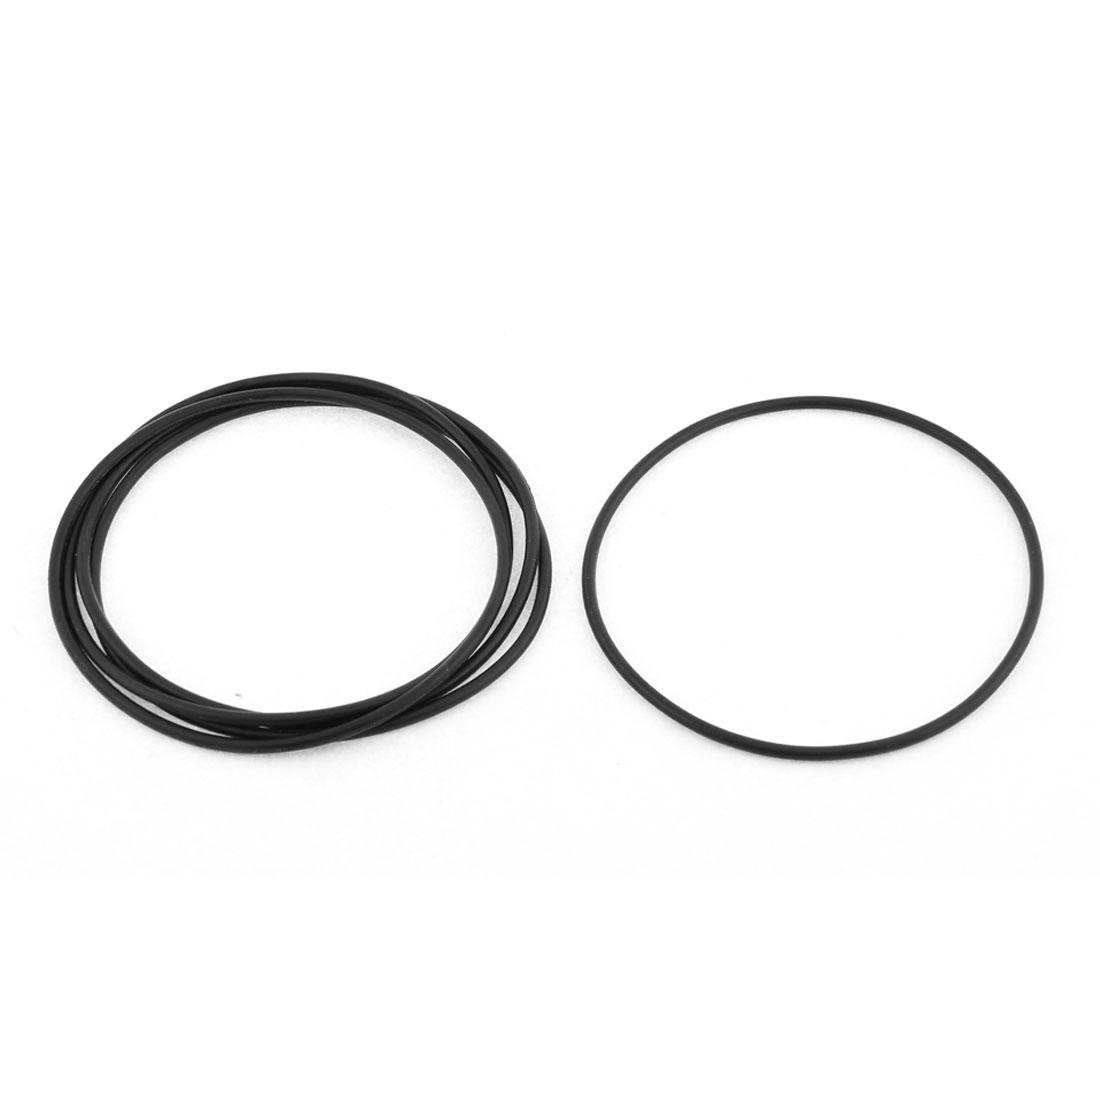 5Pcs 86mm x 90mm x 2mm Rubber O Type Sealing Ring Gasket